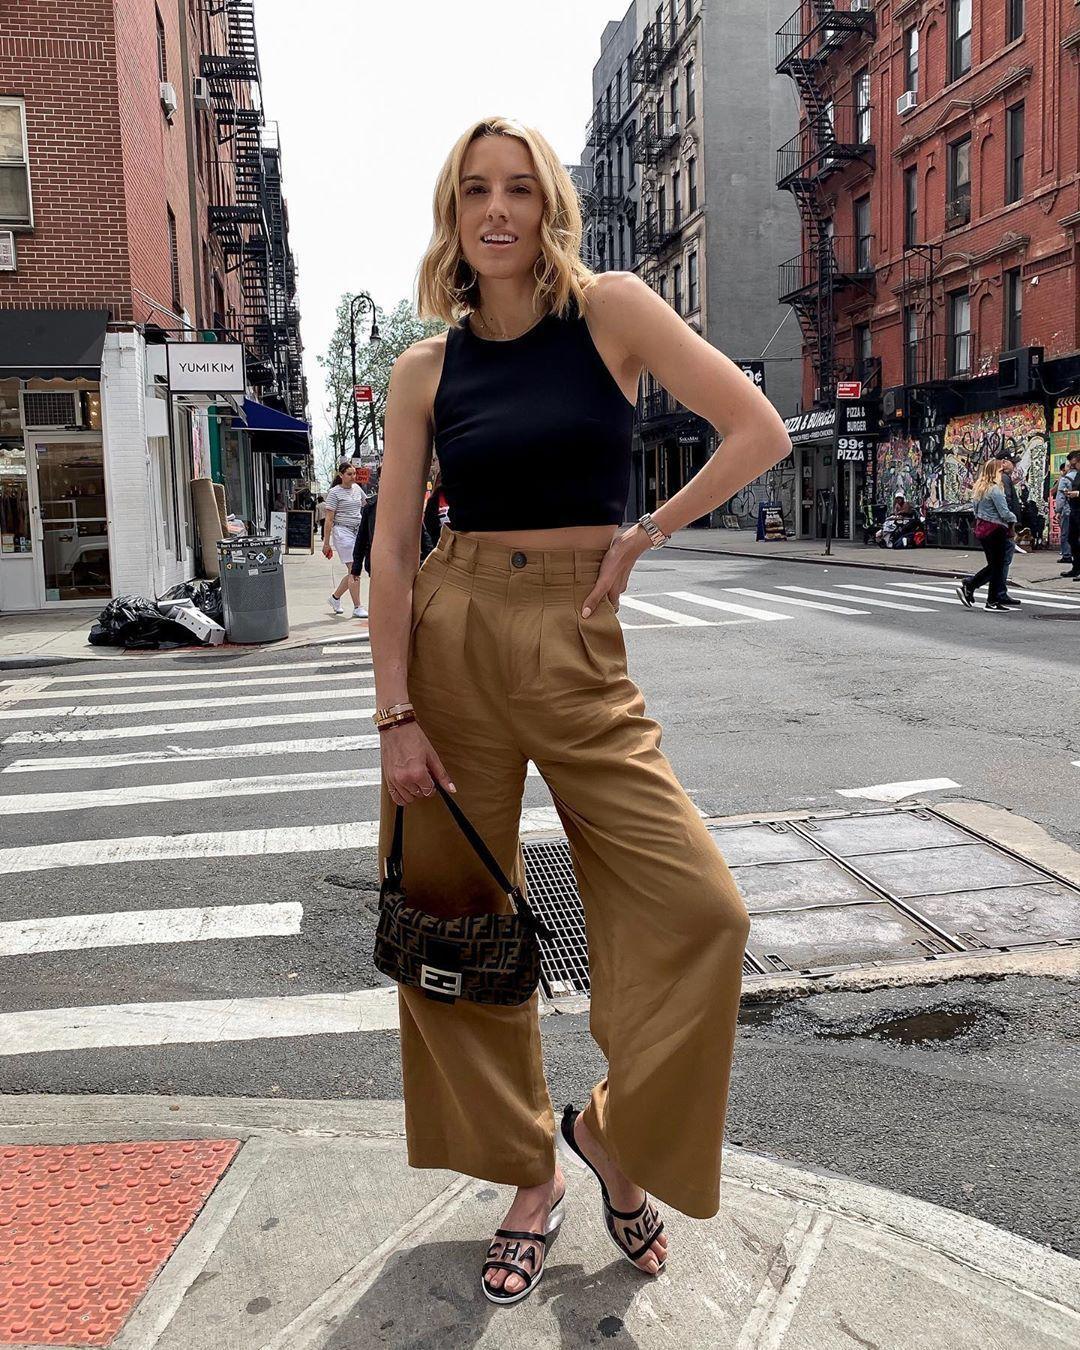 Pants, $35 at Zara – Wheretoget